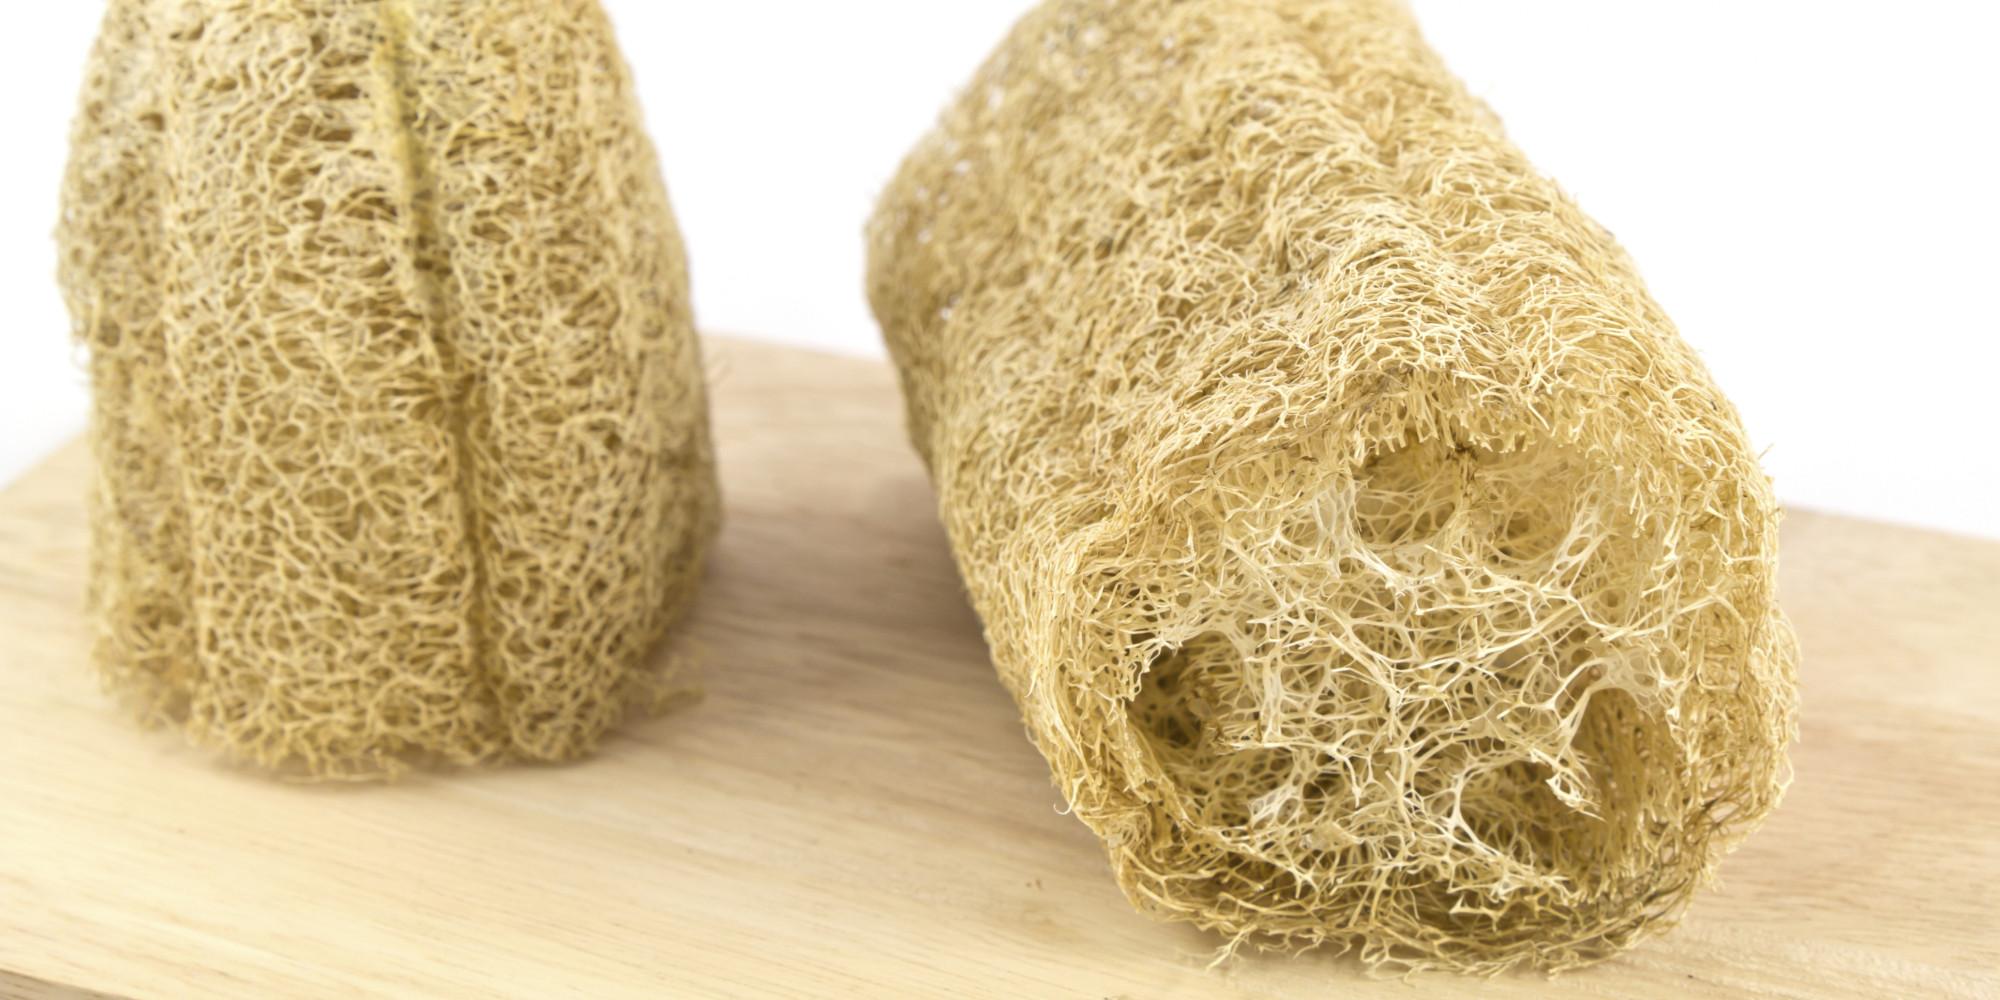 Not cias voc vai pensar 2 vezes antes de usar buchas - Esponja natural vegetal ...